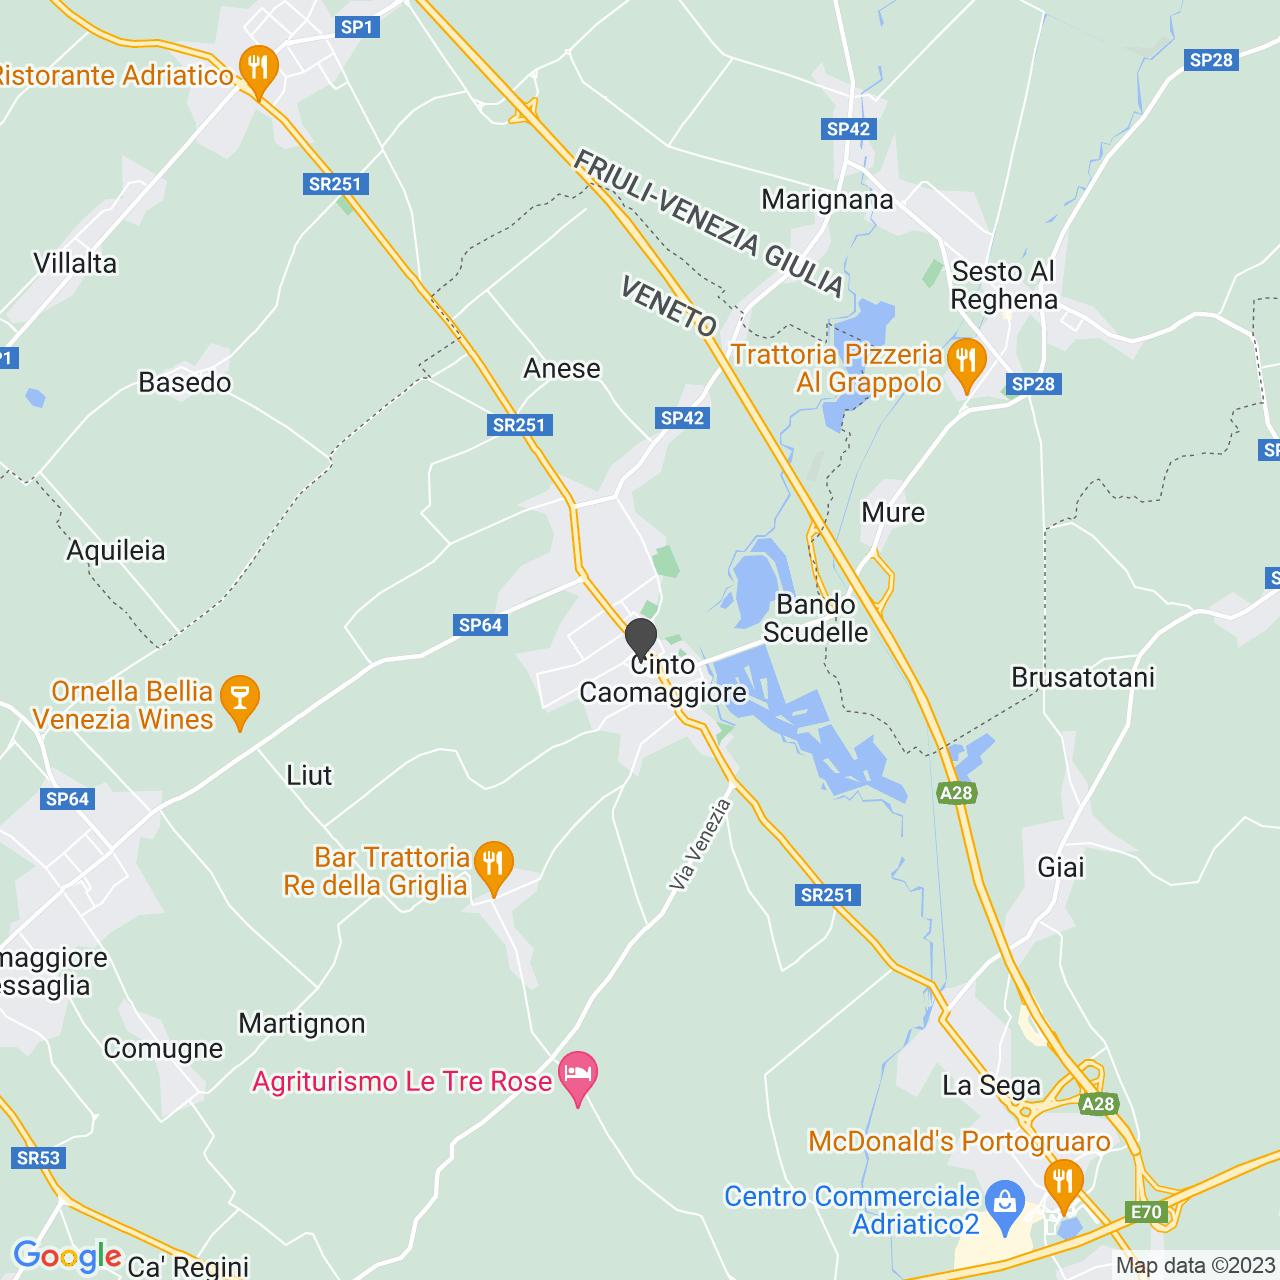 ASSOCIAZIONE ITALIANA DONATORI ORGANI CINTO CAOMAGGIORE